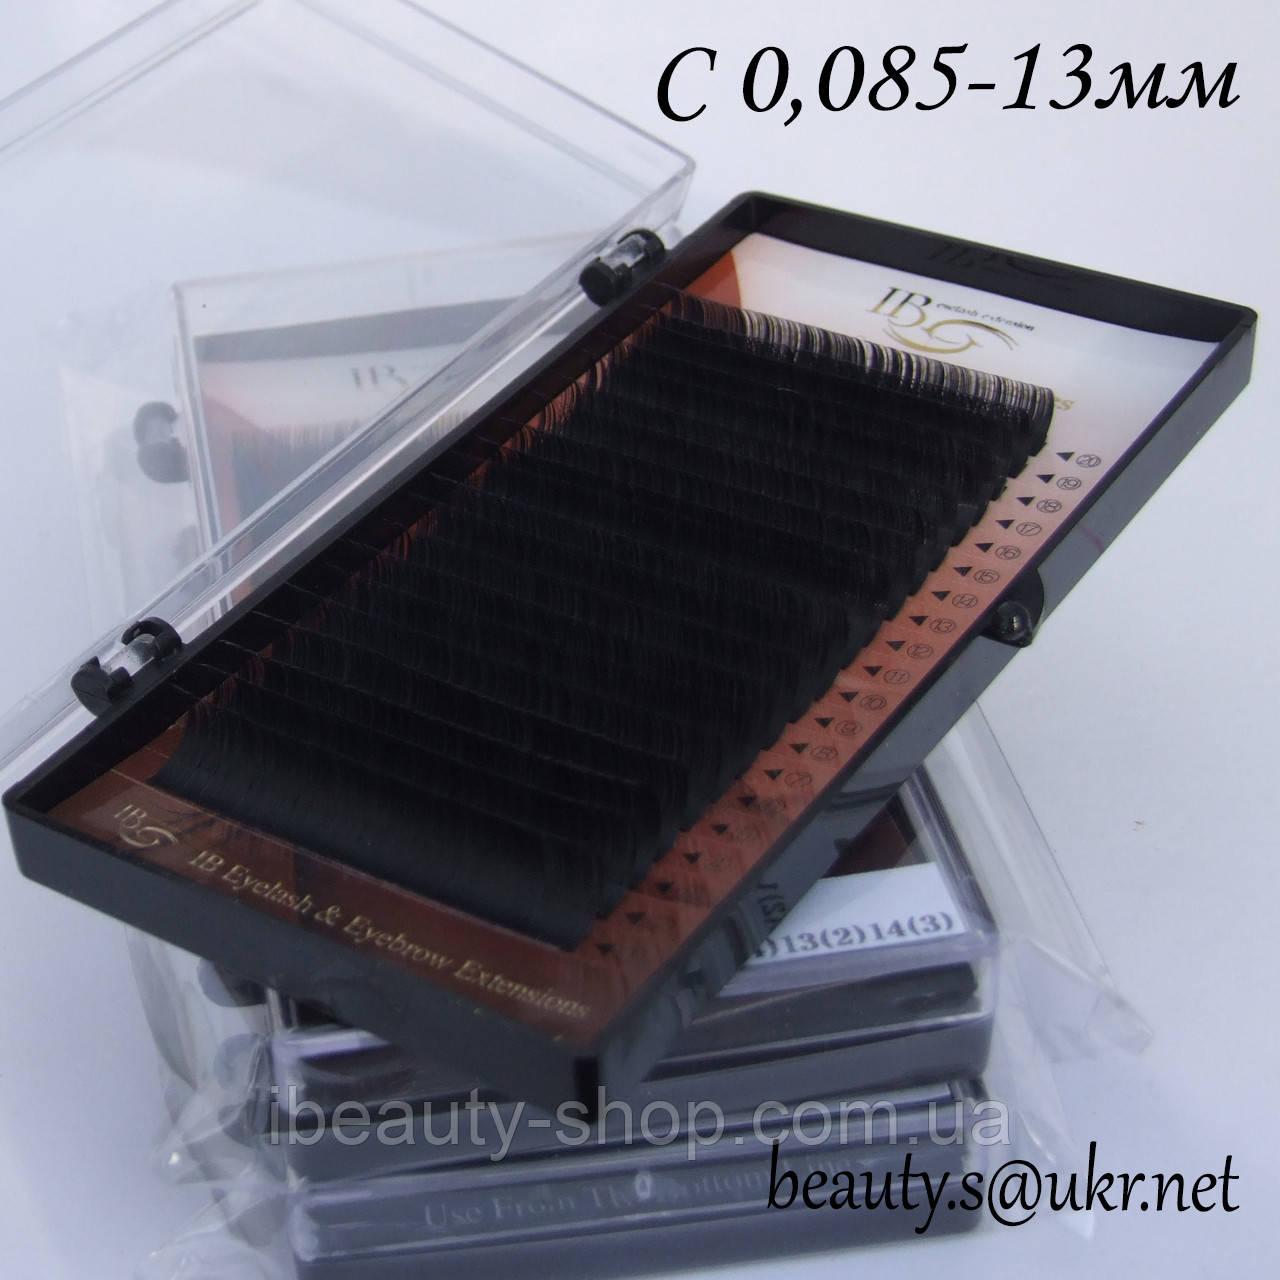 Ресницы I-Beauty на ленте C-0,085 13мм